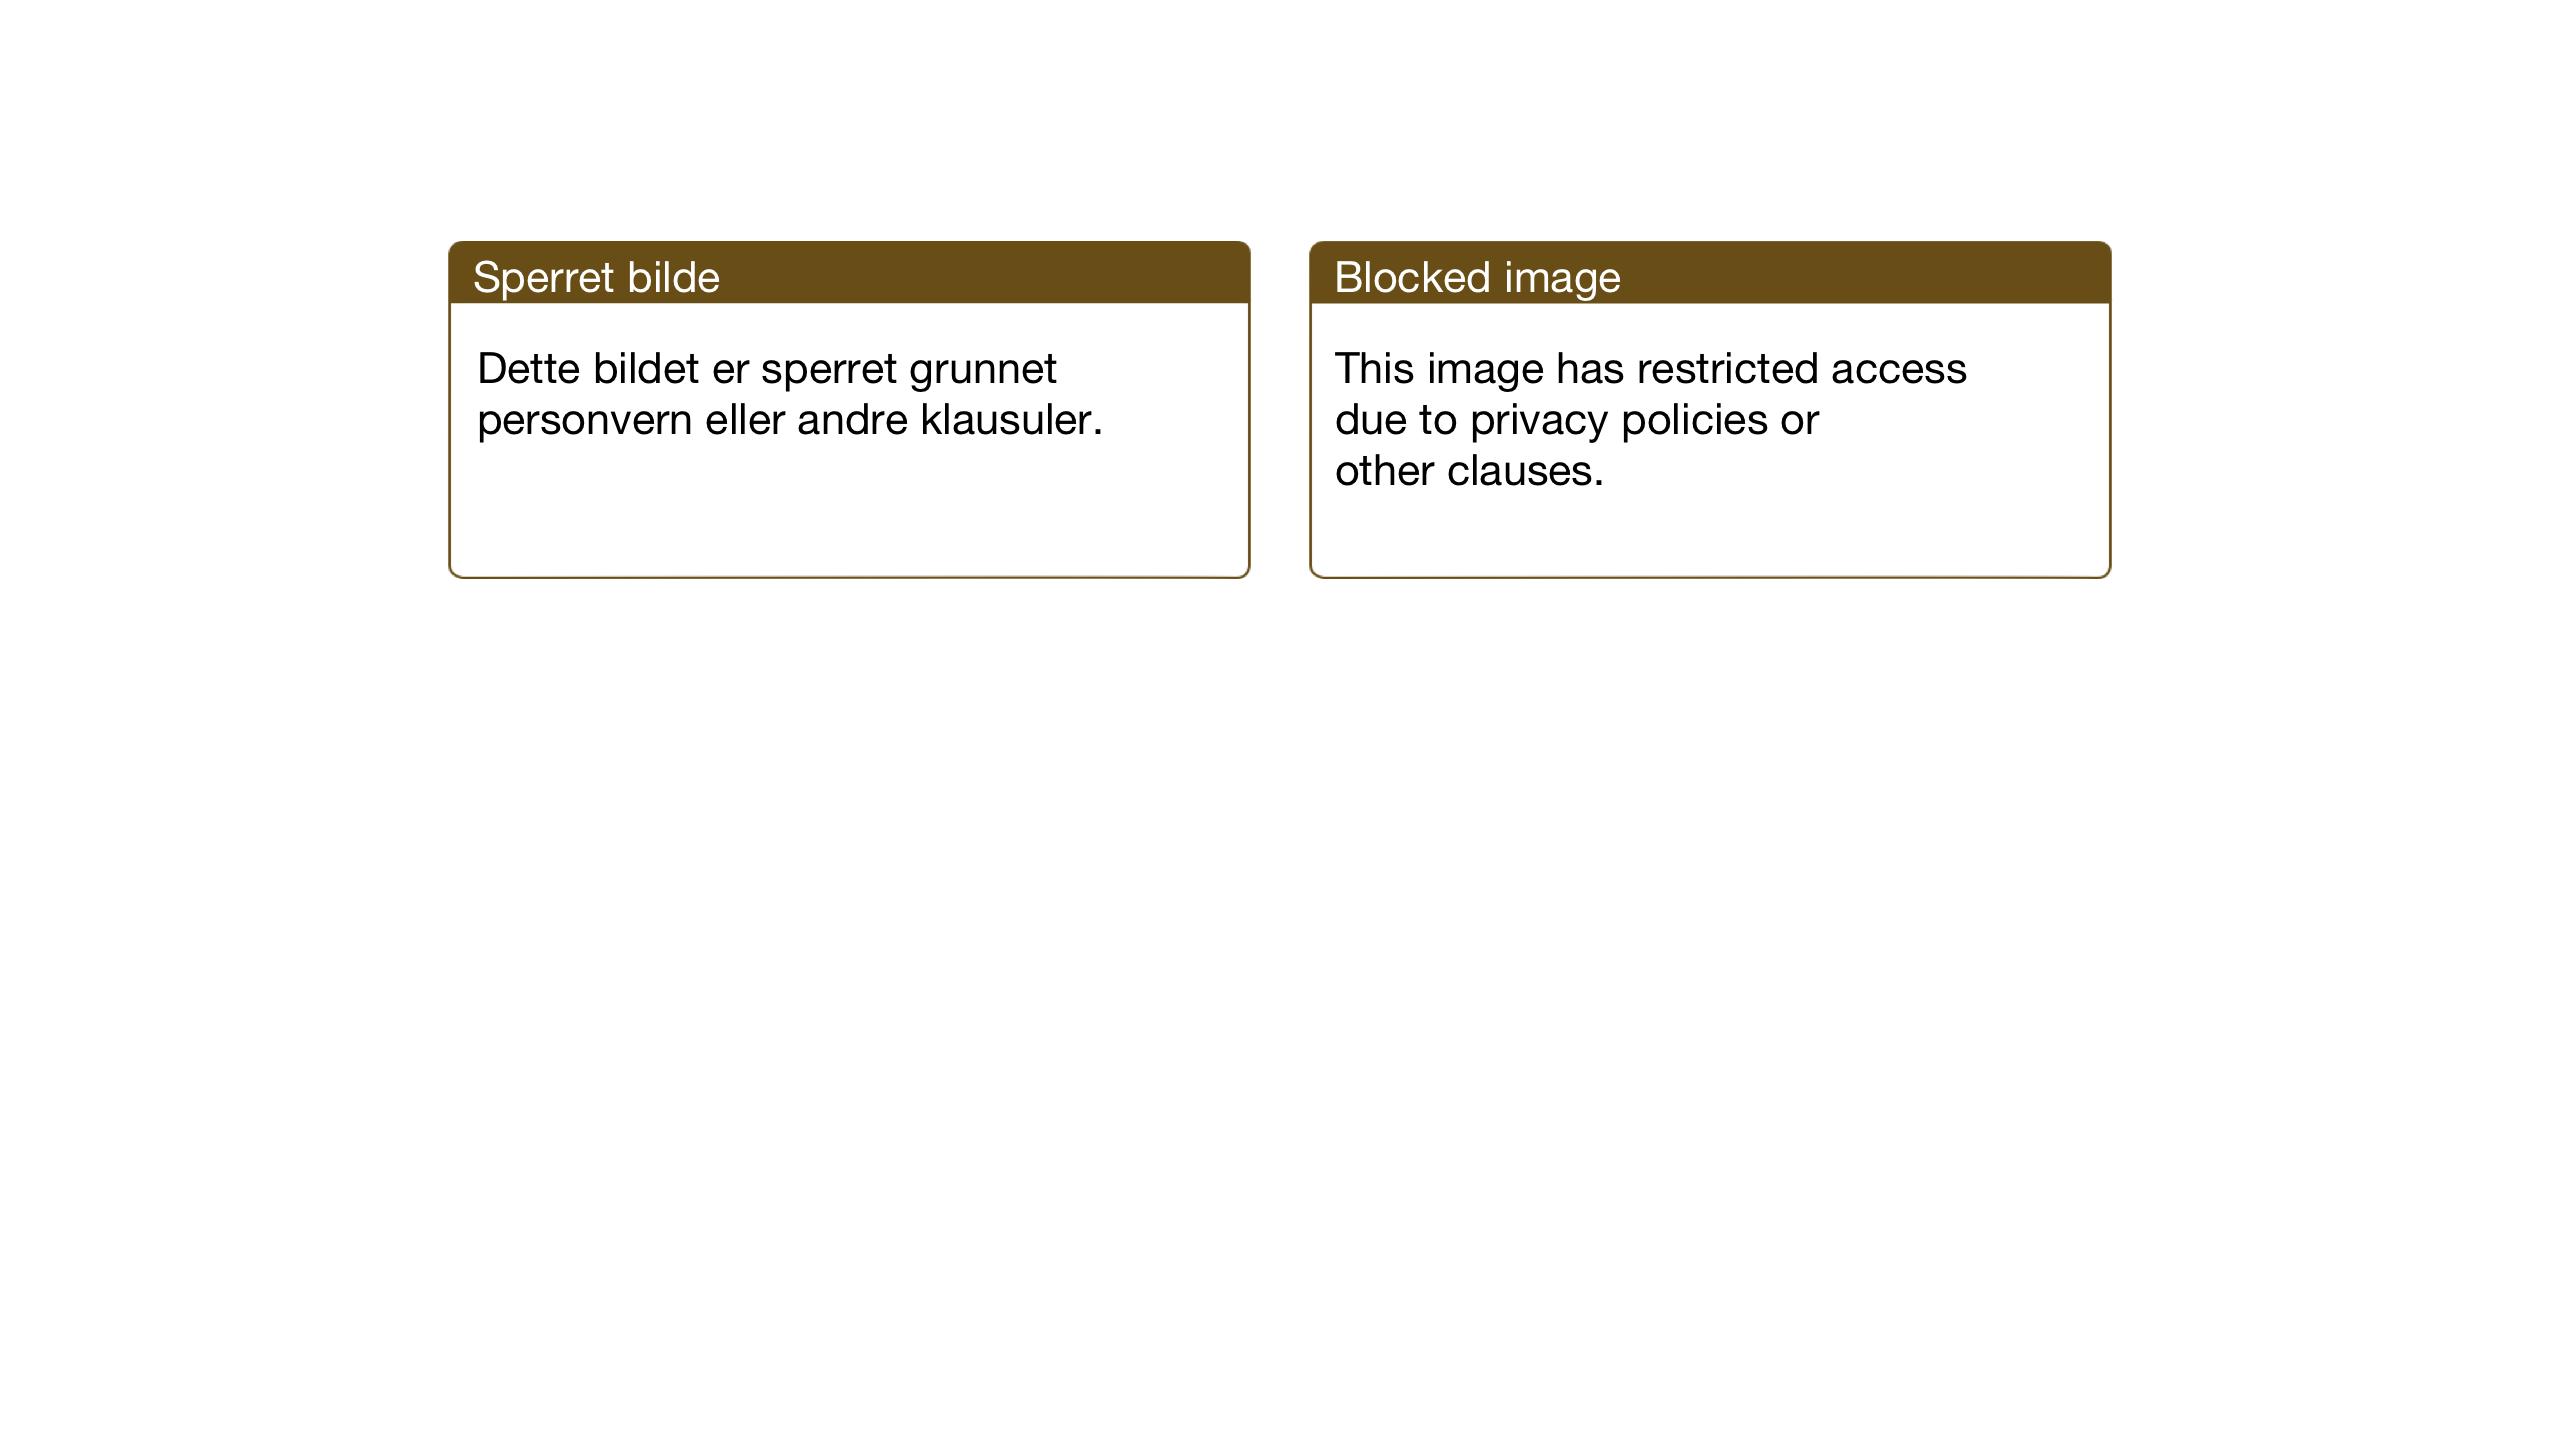 SAT, Ministerialprotokoller, klokkerbøker og fødselsregistre - Sør-Trøndelag, 617/L0432: Klokkerbok nr. 617C03, 1936-1942, s. 17